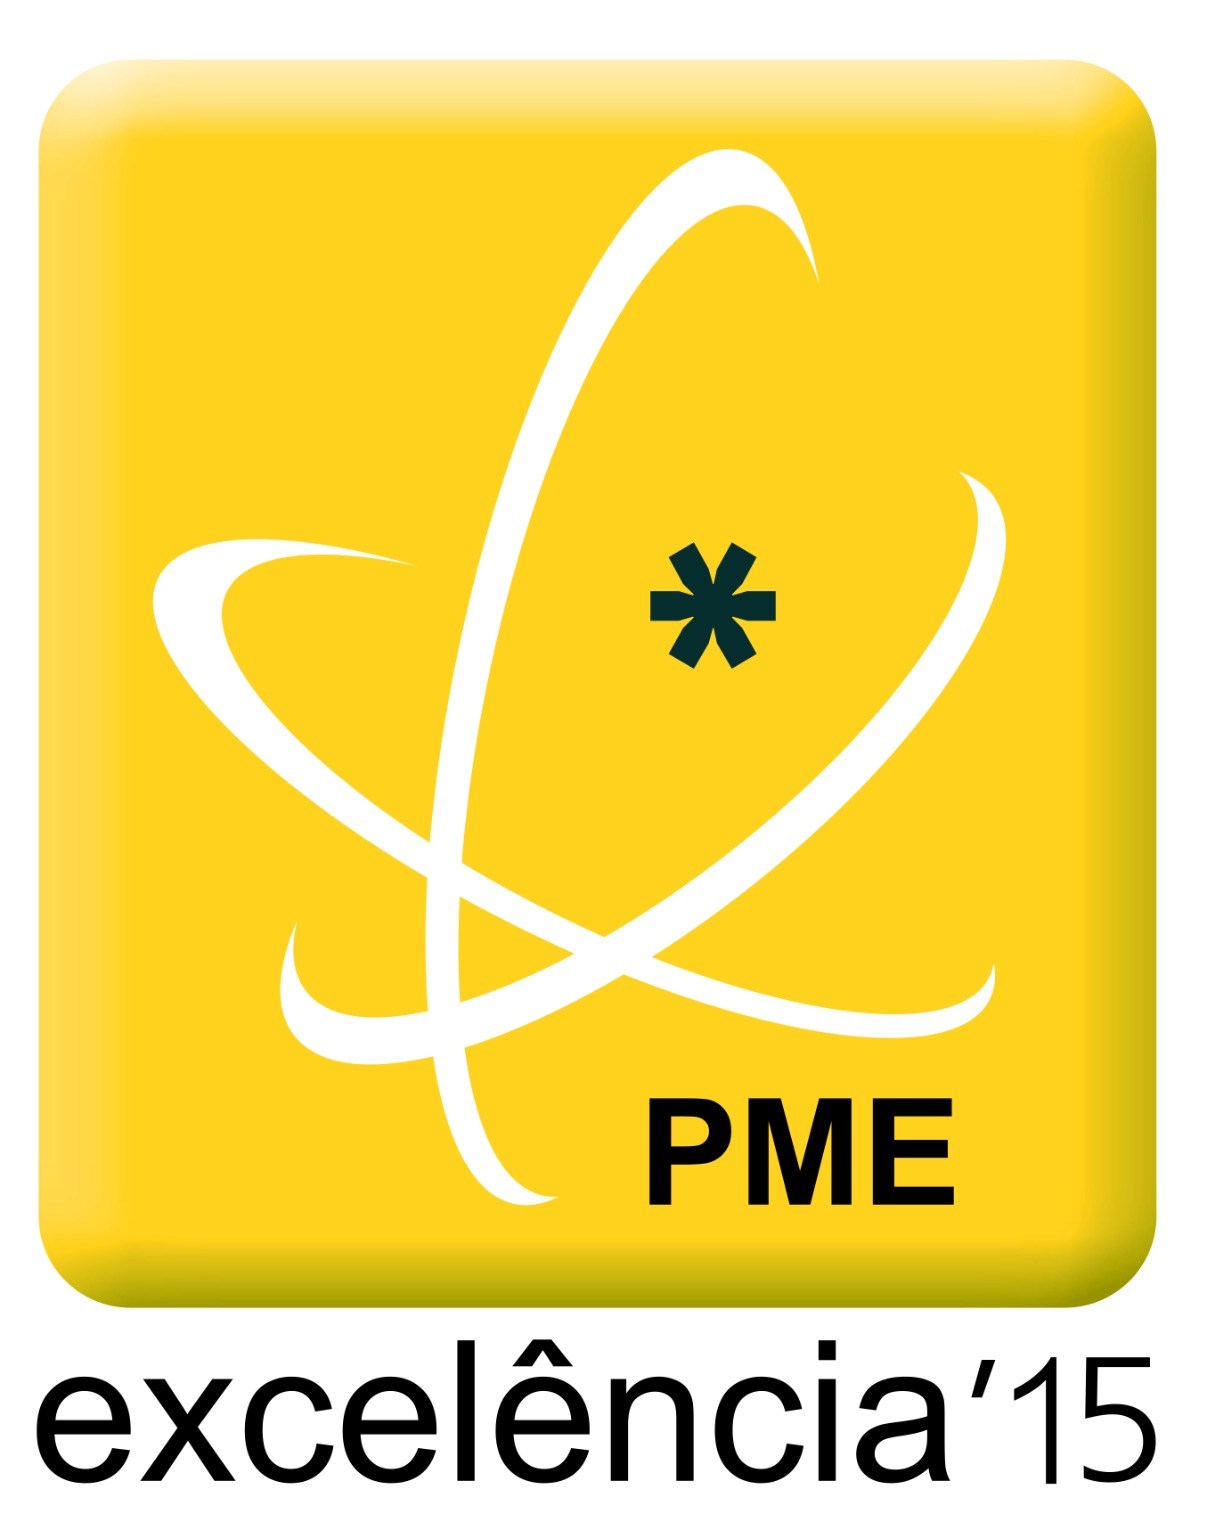 Keller williams grupo business com o estatuto de pme excelncia 2015 reconhecimento este que num universo de quase 4000 mediadoras em portugal apenas 3 empresas tm este estatuto fandeluxe Images